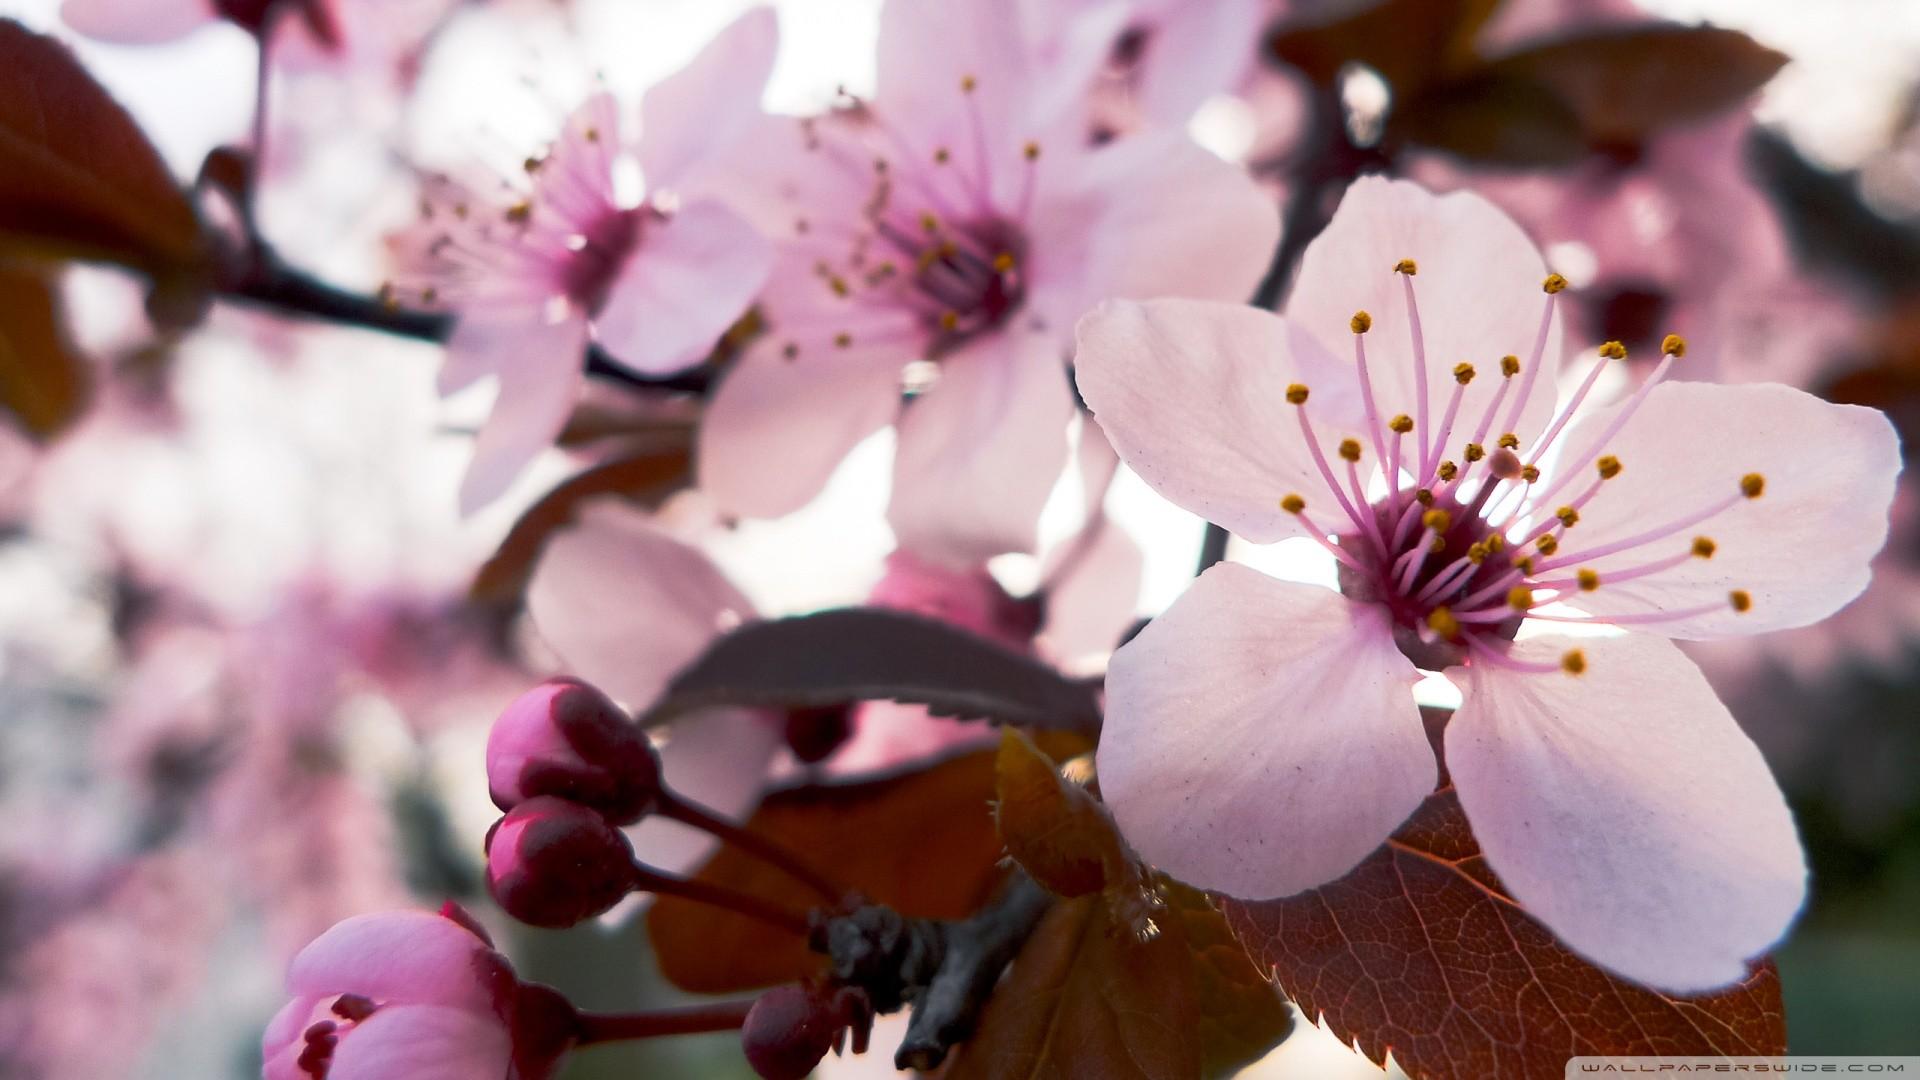 Delicate Cherry Blossom Wallpaper Delicate, Cherry, Blossom